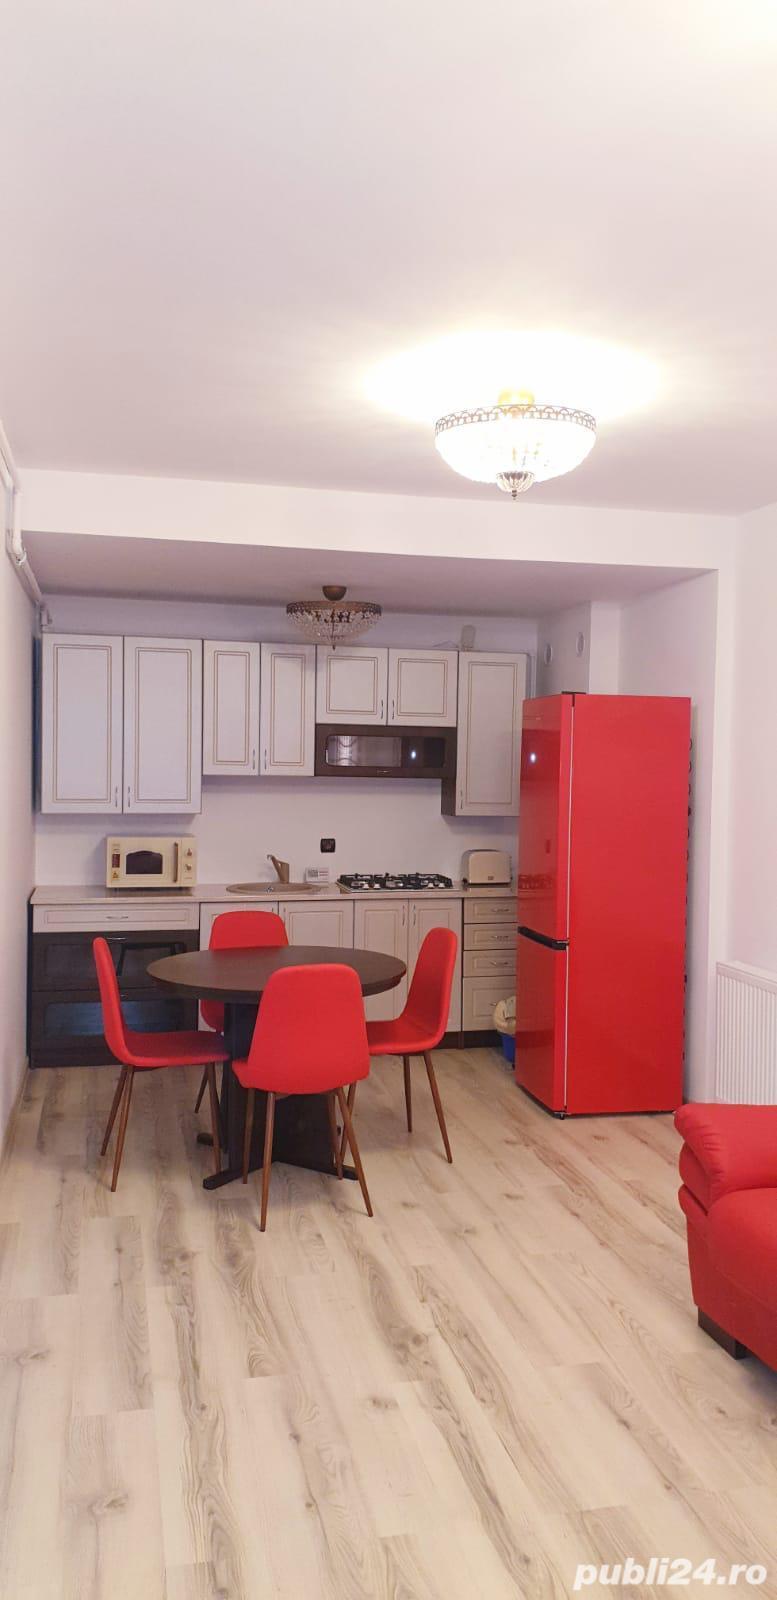 Apartament 2 camere - OFERTA -